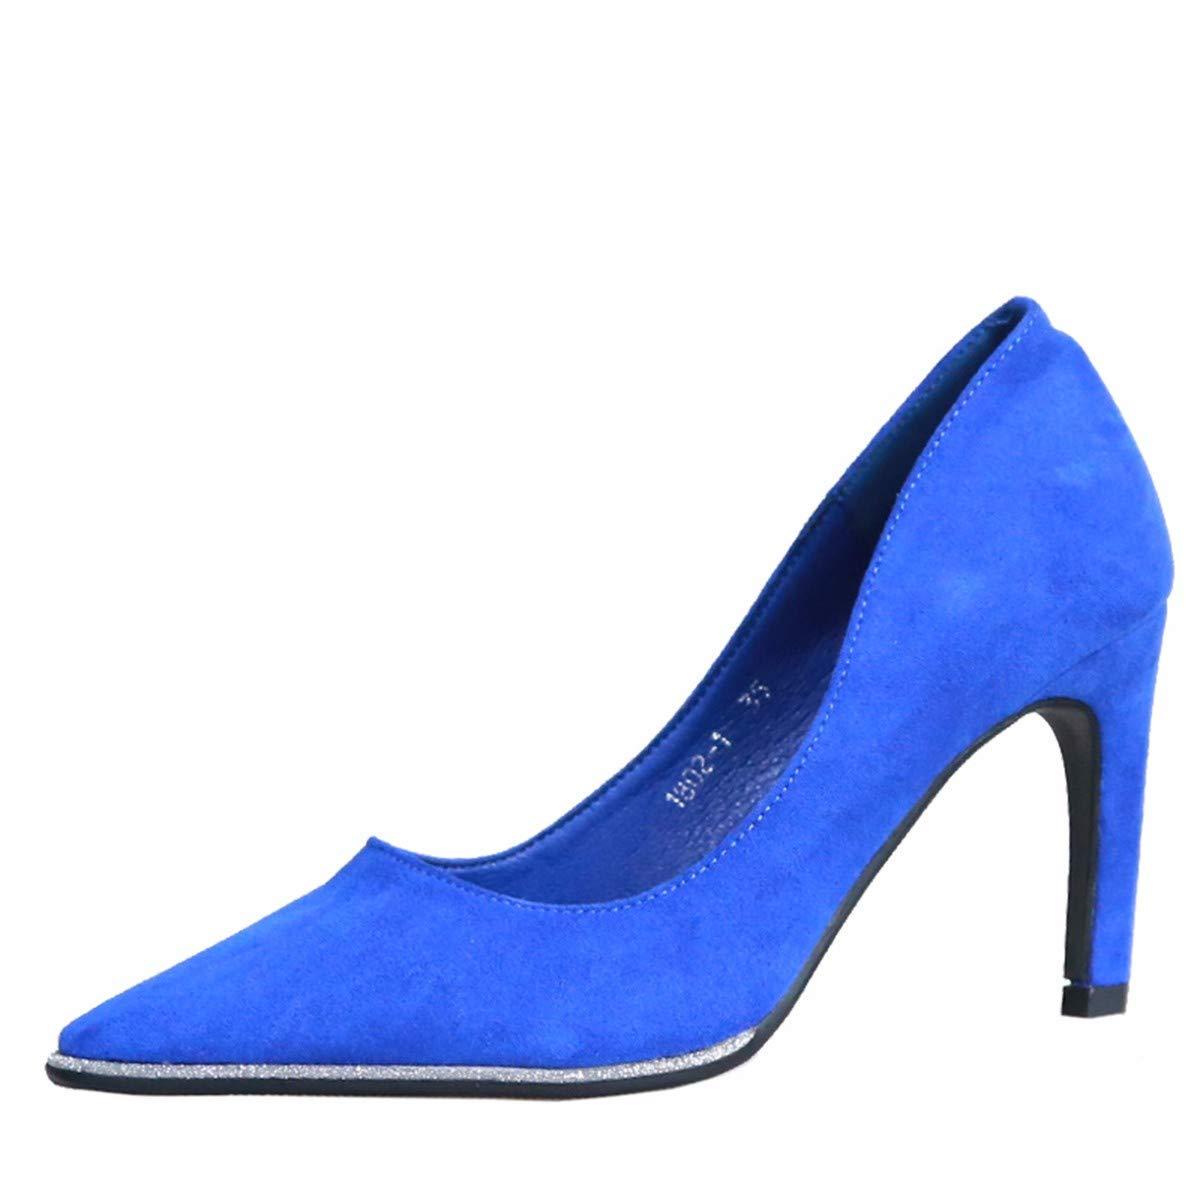 KPHY Damenschuhe Damenschuhe Damenschuhe Herbst-Damenschuhe Dünn und Dünner 18Cm Hohe Schuhe Mode Pailletten Spitze Flache Schuhe.37 des d496a3